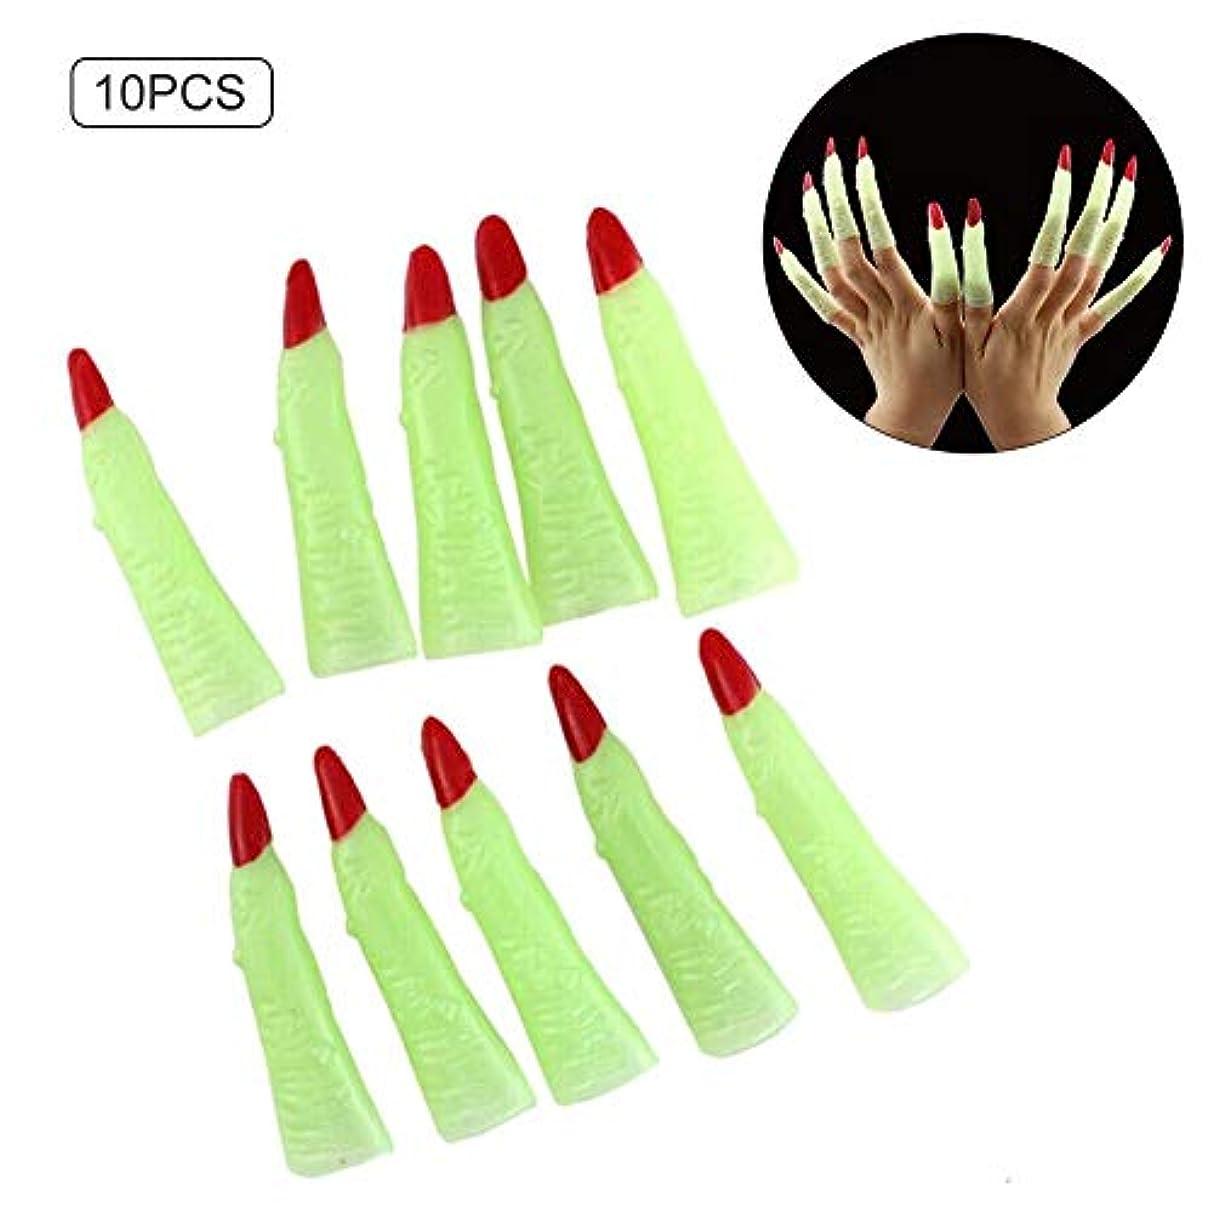 好きである経過カバーハロウィーンネイルカバーの小道具 - ハロウィーン仮装パーティー用の明るいネイル偽ネイルステッカーゾンビ魔女の指セット - 10個